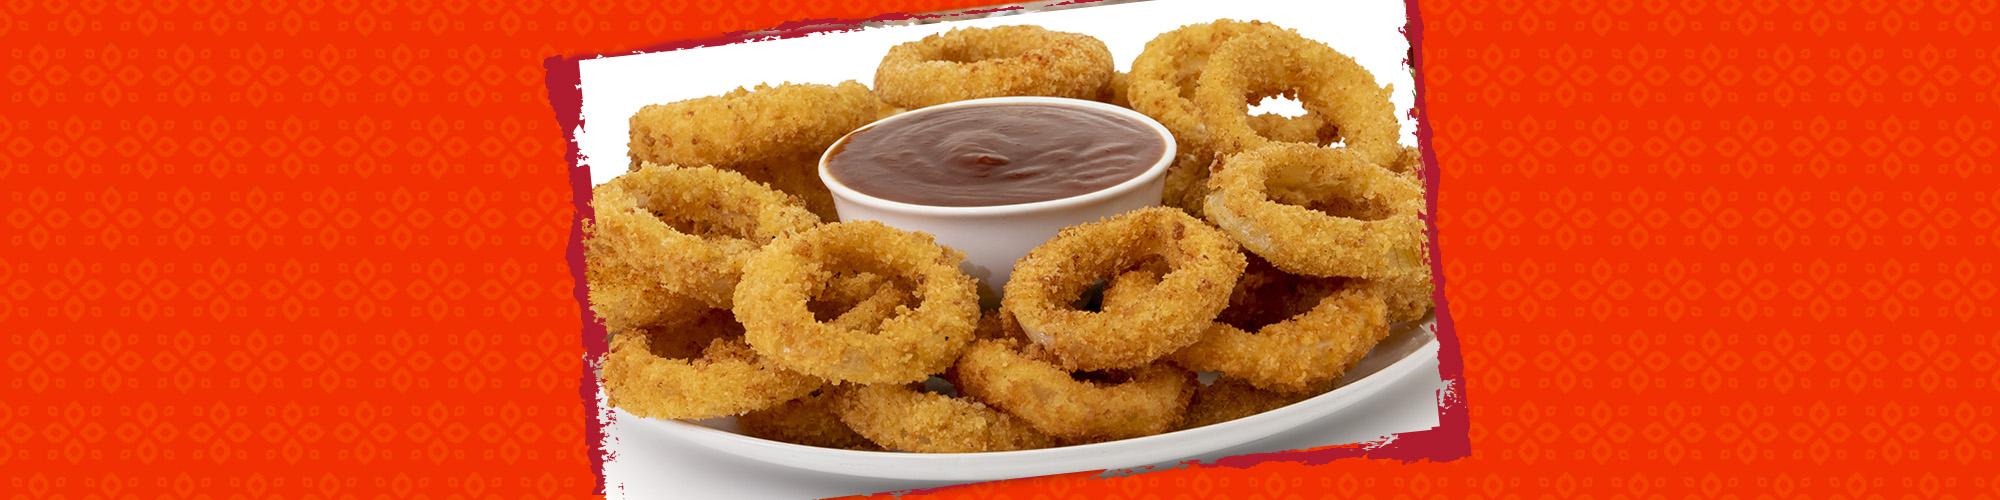 Salsas onion rings